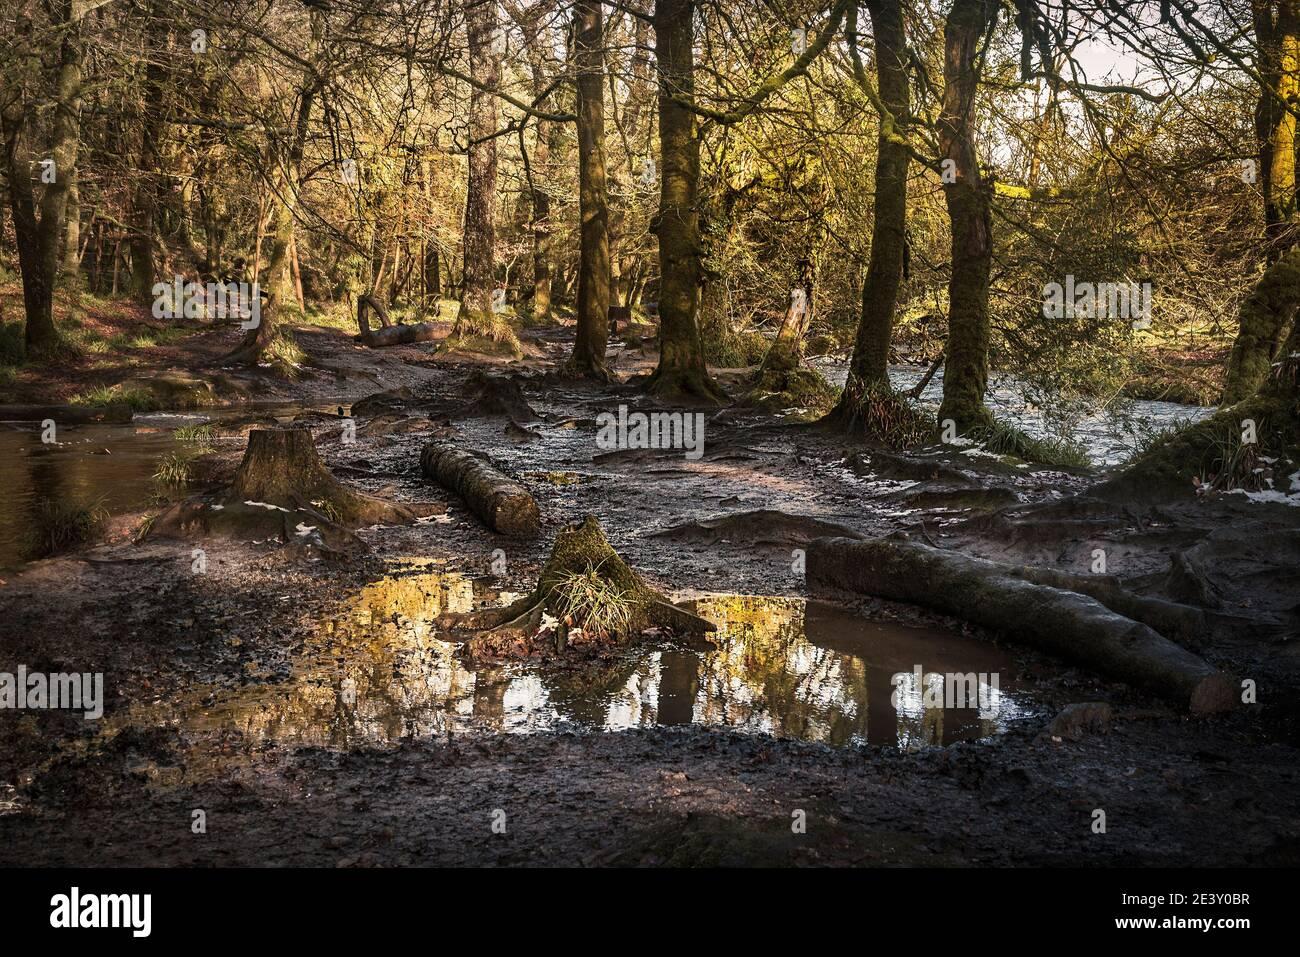 La lumière du soleil en fin d'après-midi tandis que la rivière Fowey coule à travers le bois historique et ancien de Draynes Wood dans les Cornouailles. Banque D'Images